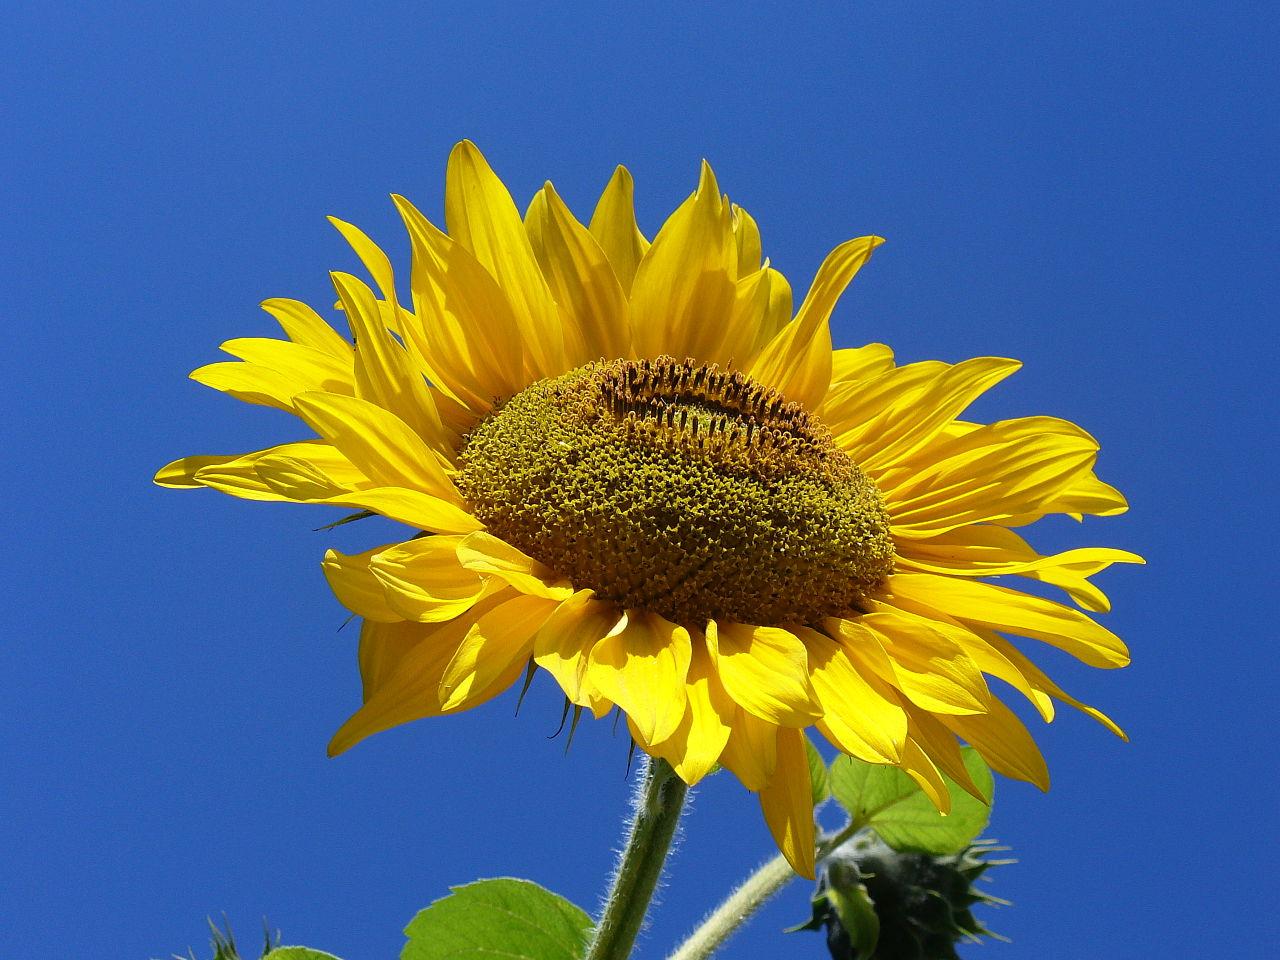 Sunflower. Photograph (c) Marcin Szala, used under CC BY-SA 3.0.